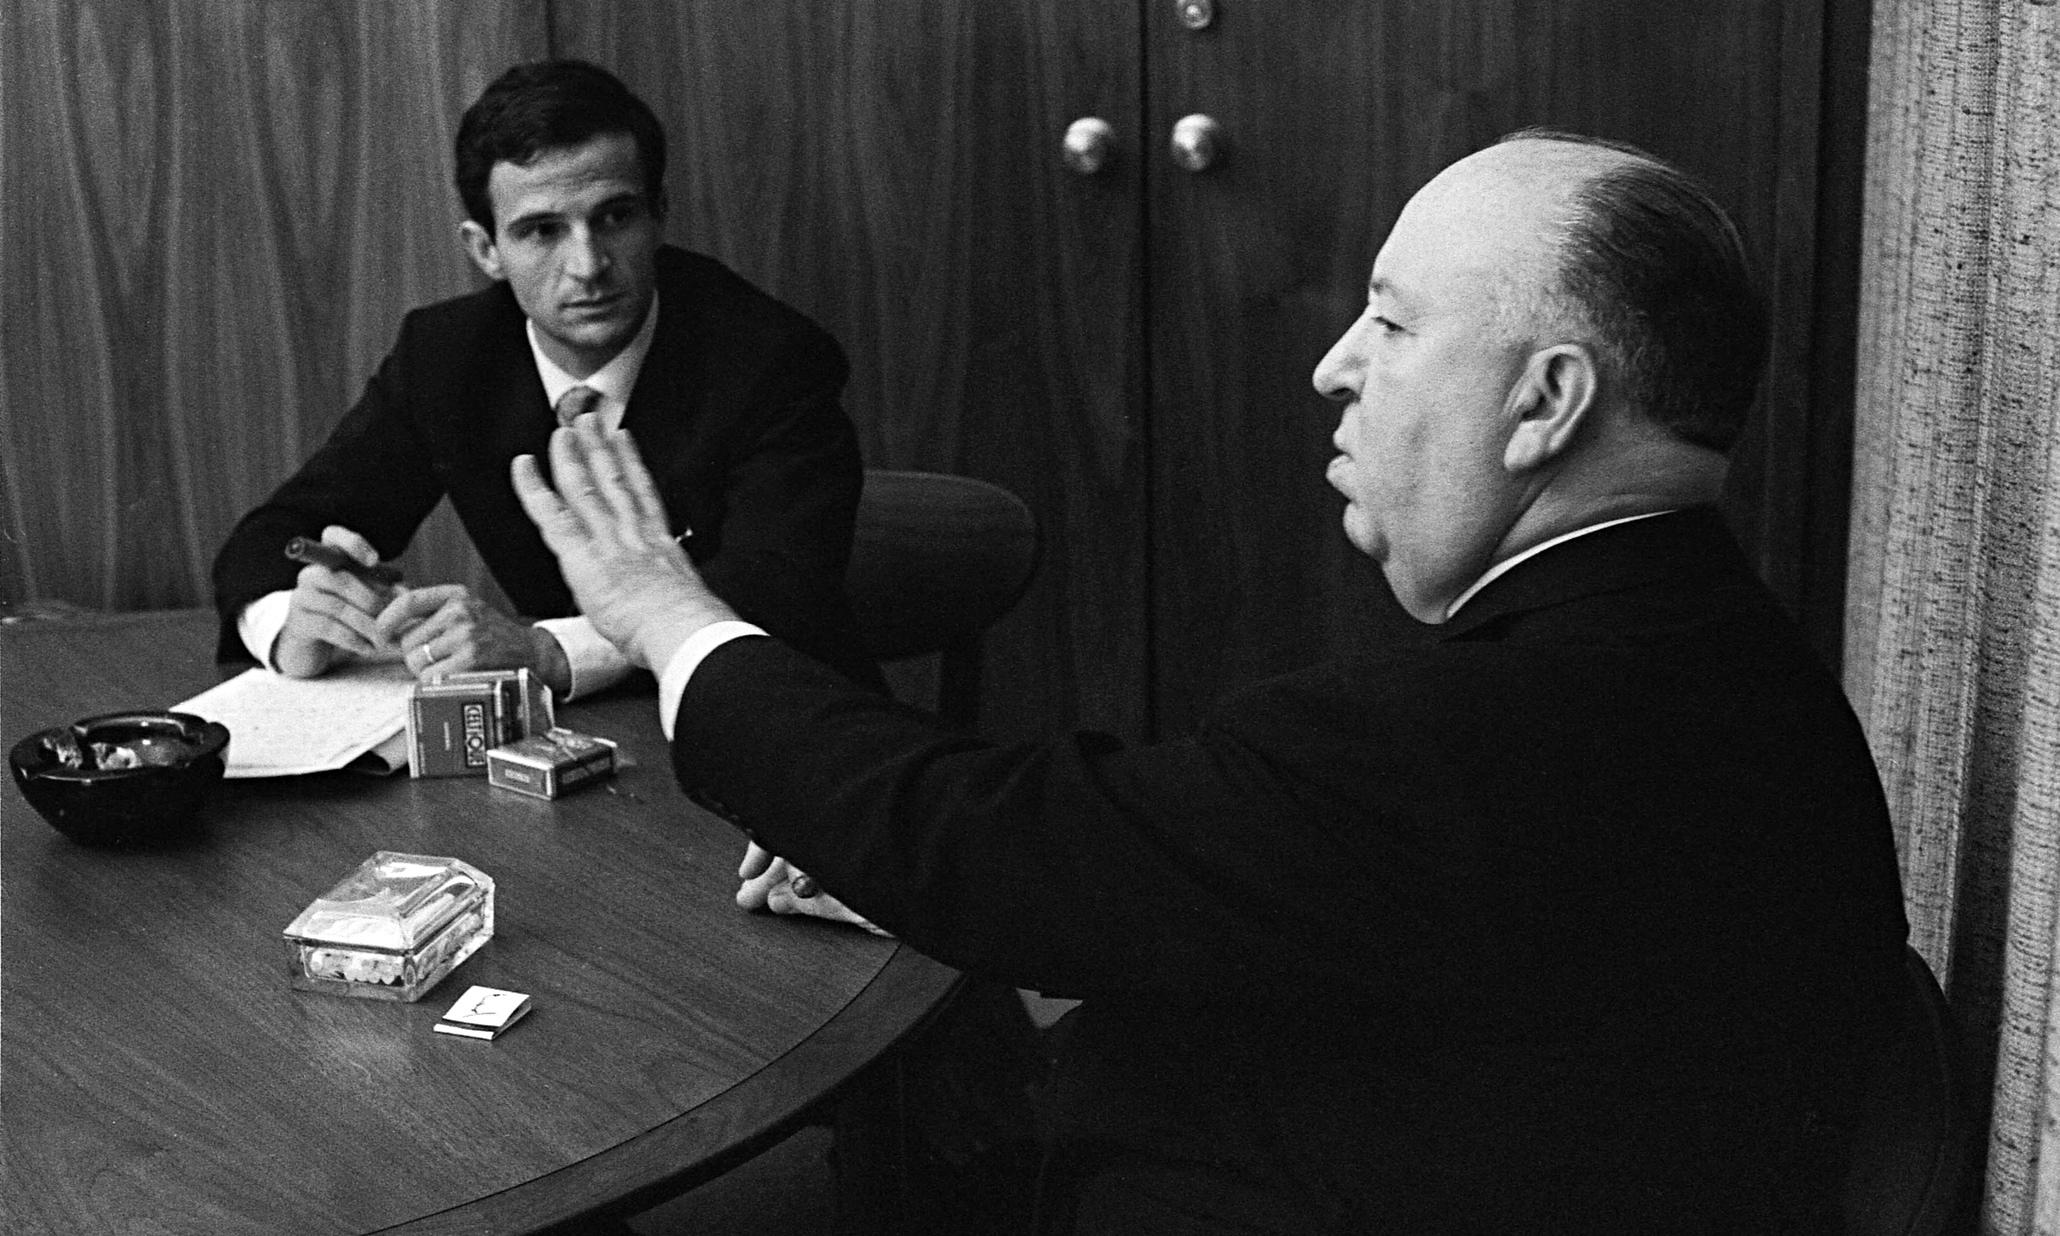 Hitchock/Truffaut